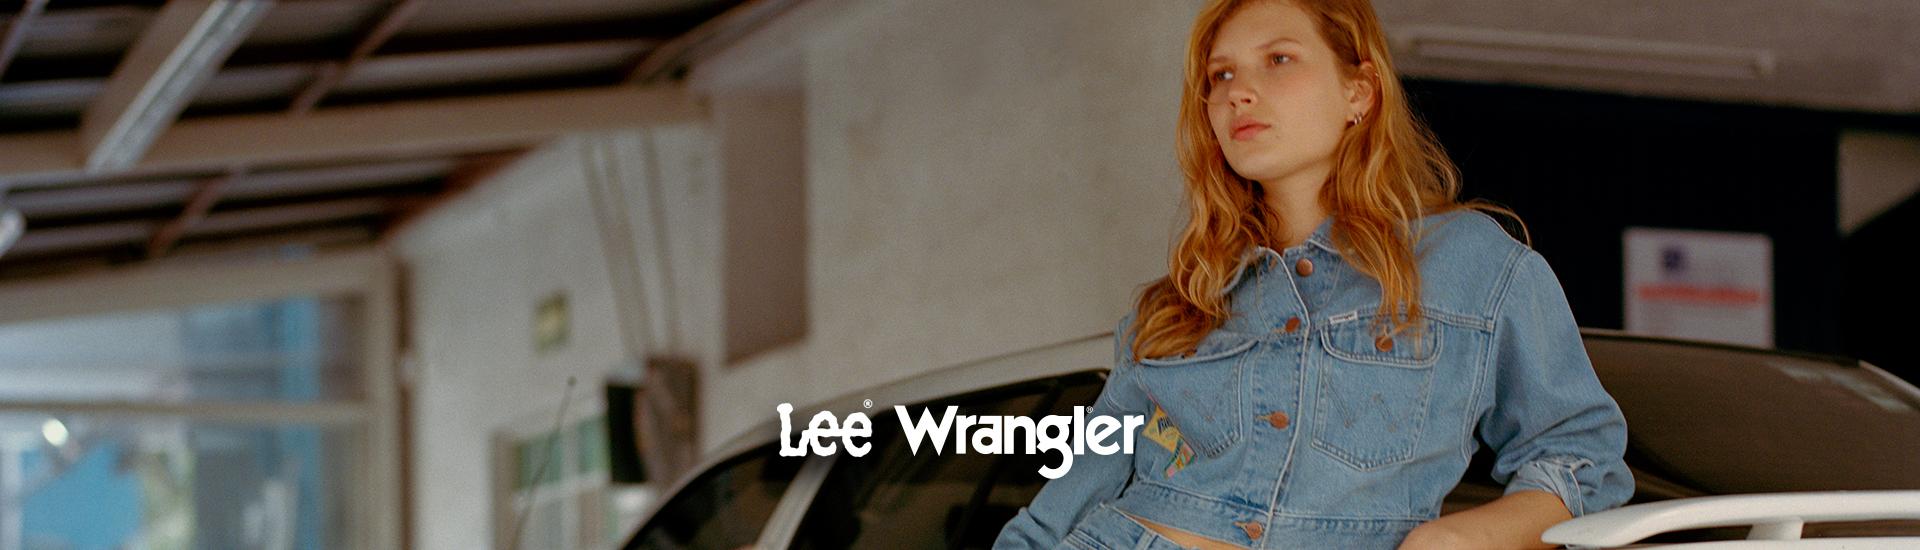 LEE,Wrangler